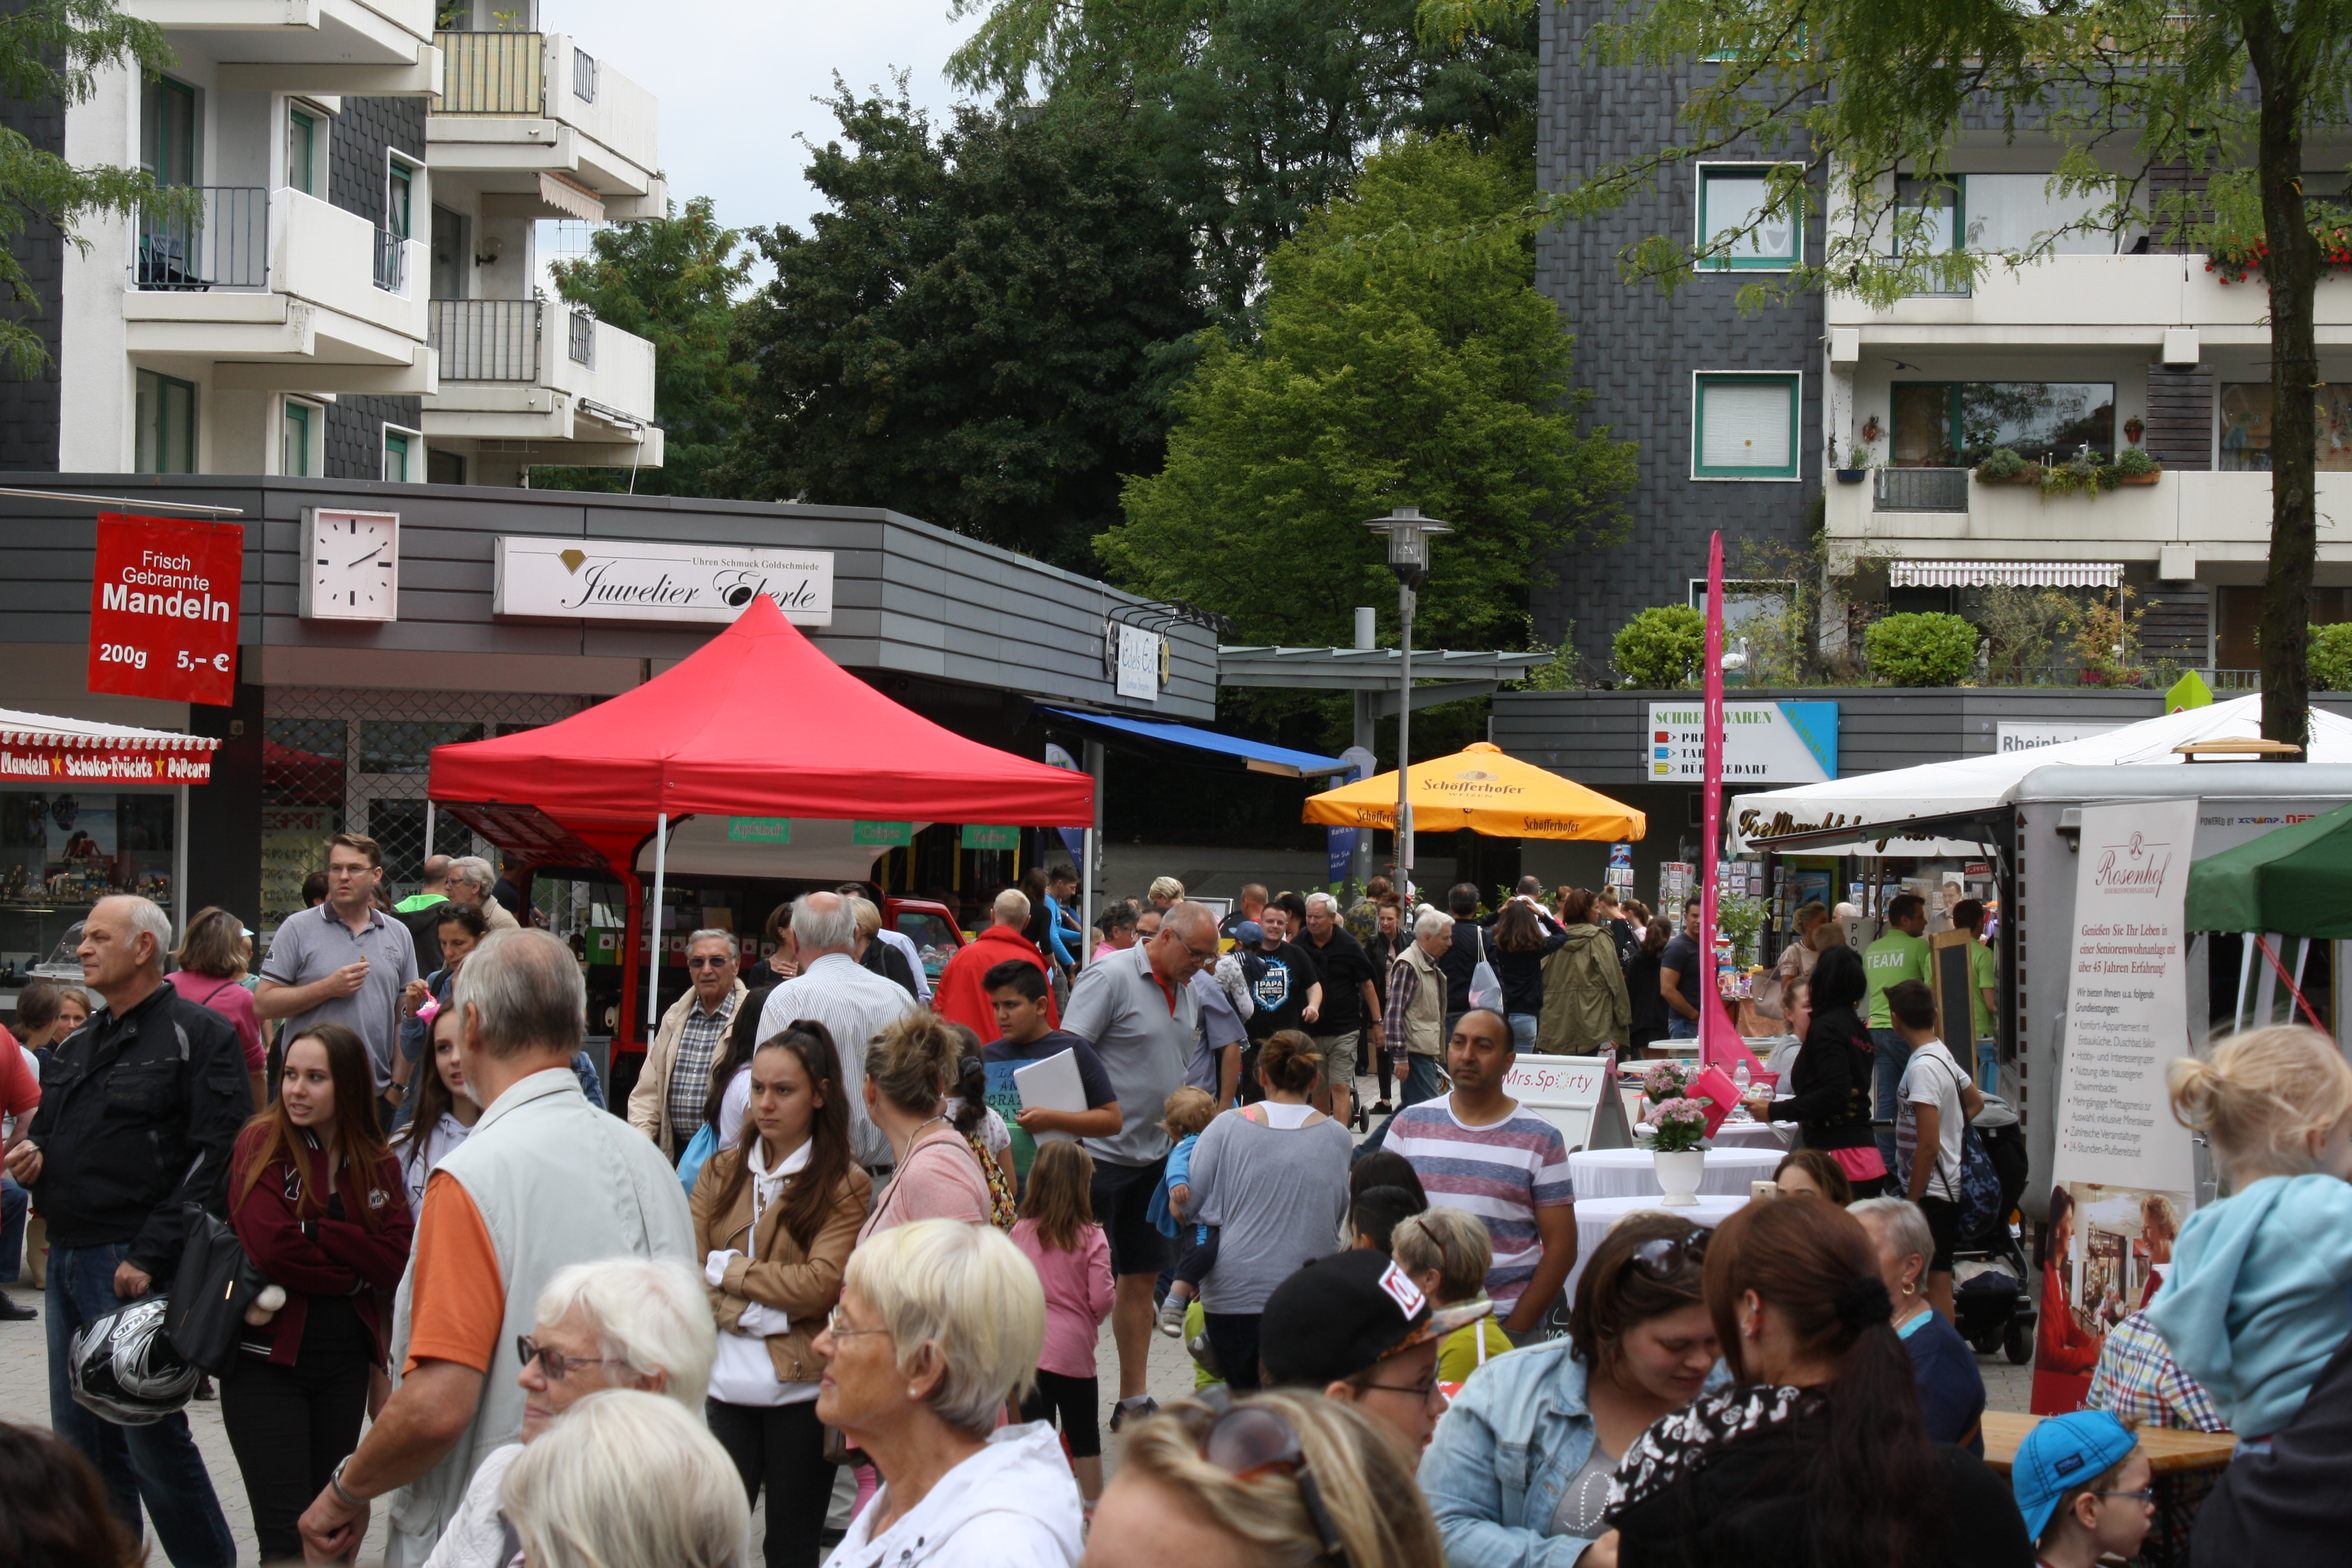 Hochdahler Markt